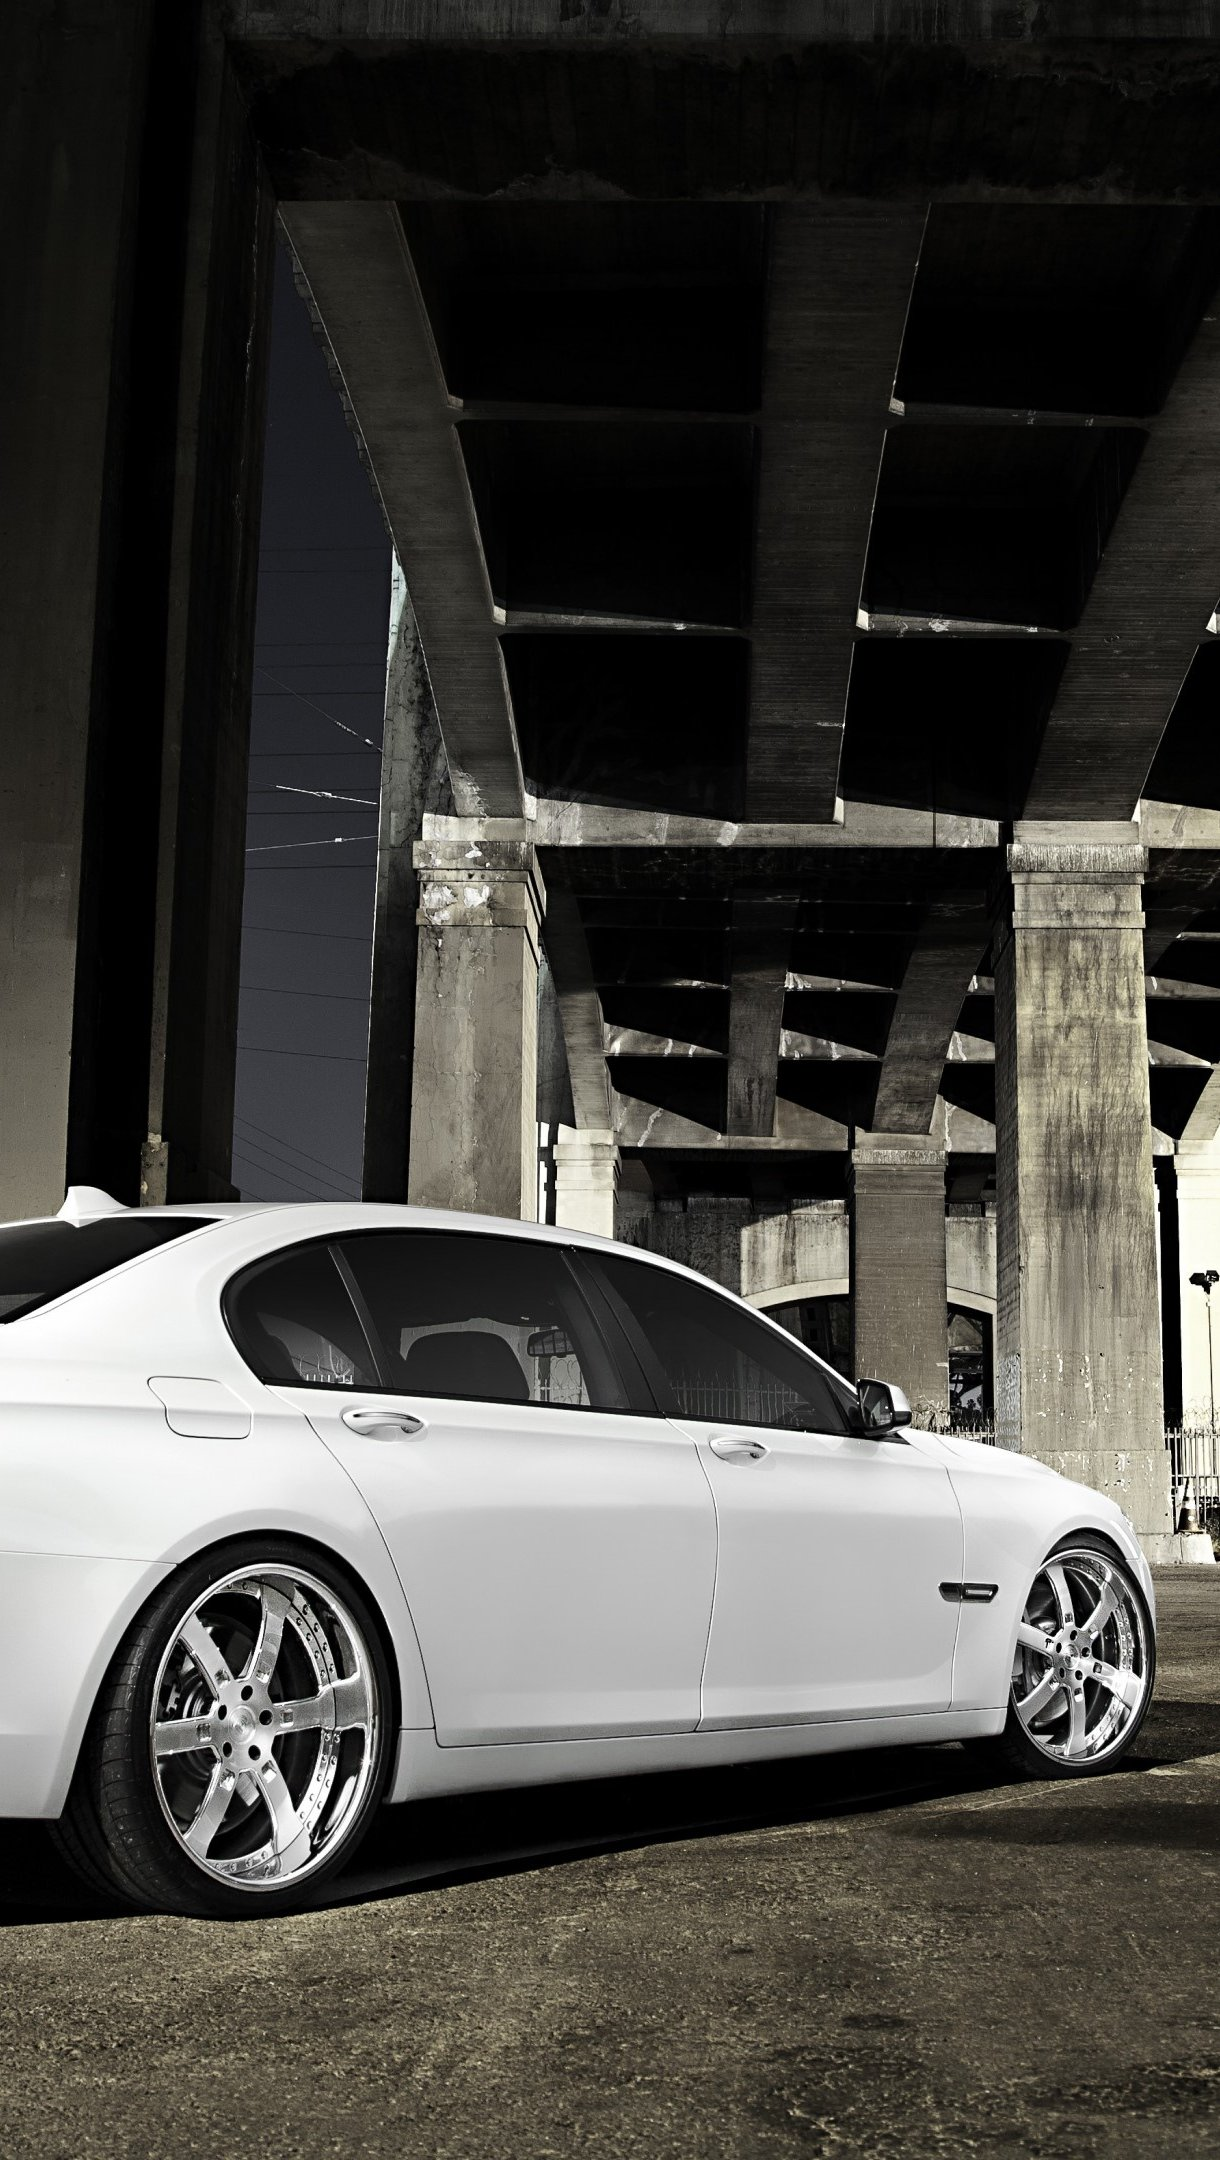 Wallpaper BMW 7 750LI white Vertical